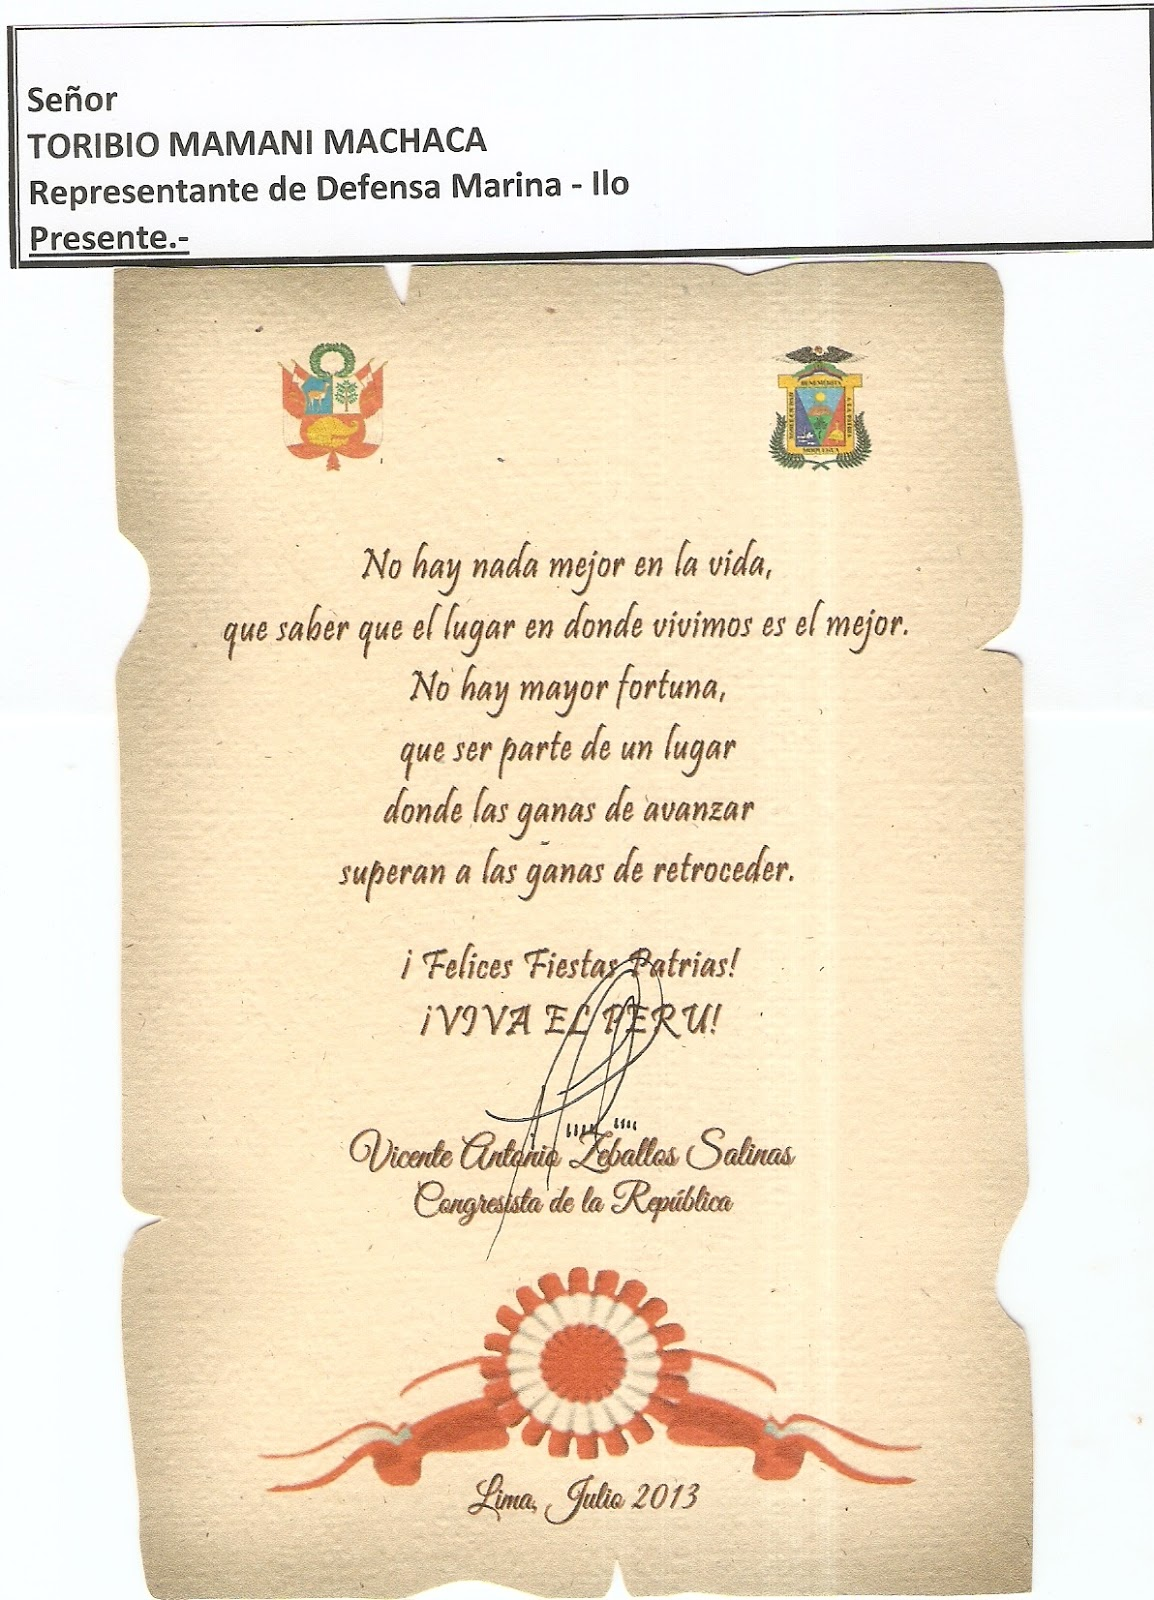 Saludos por fiestas Patrias. Congresista Antonio Zeballos Salinas b463f65a6f0